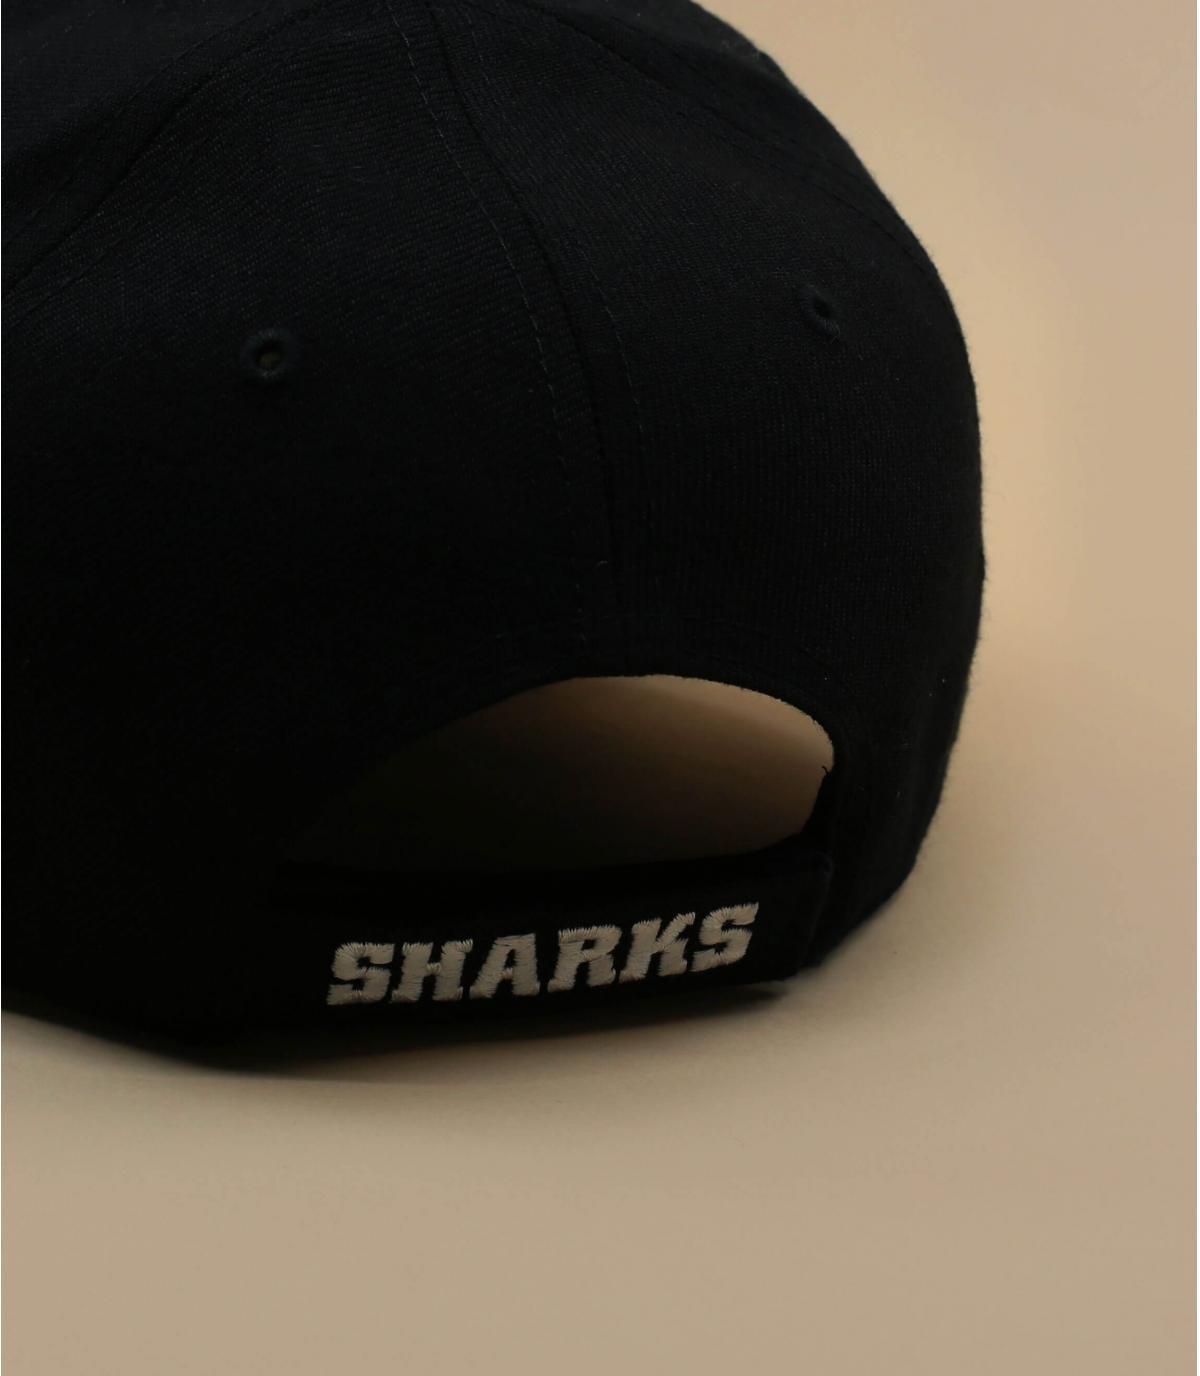 Detalles MVP San Jose Sharks black imagen 5